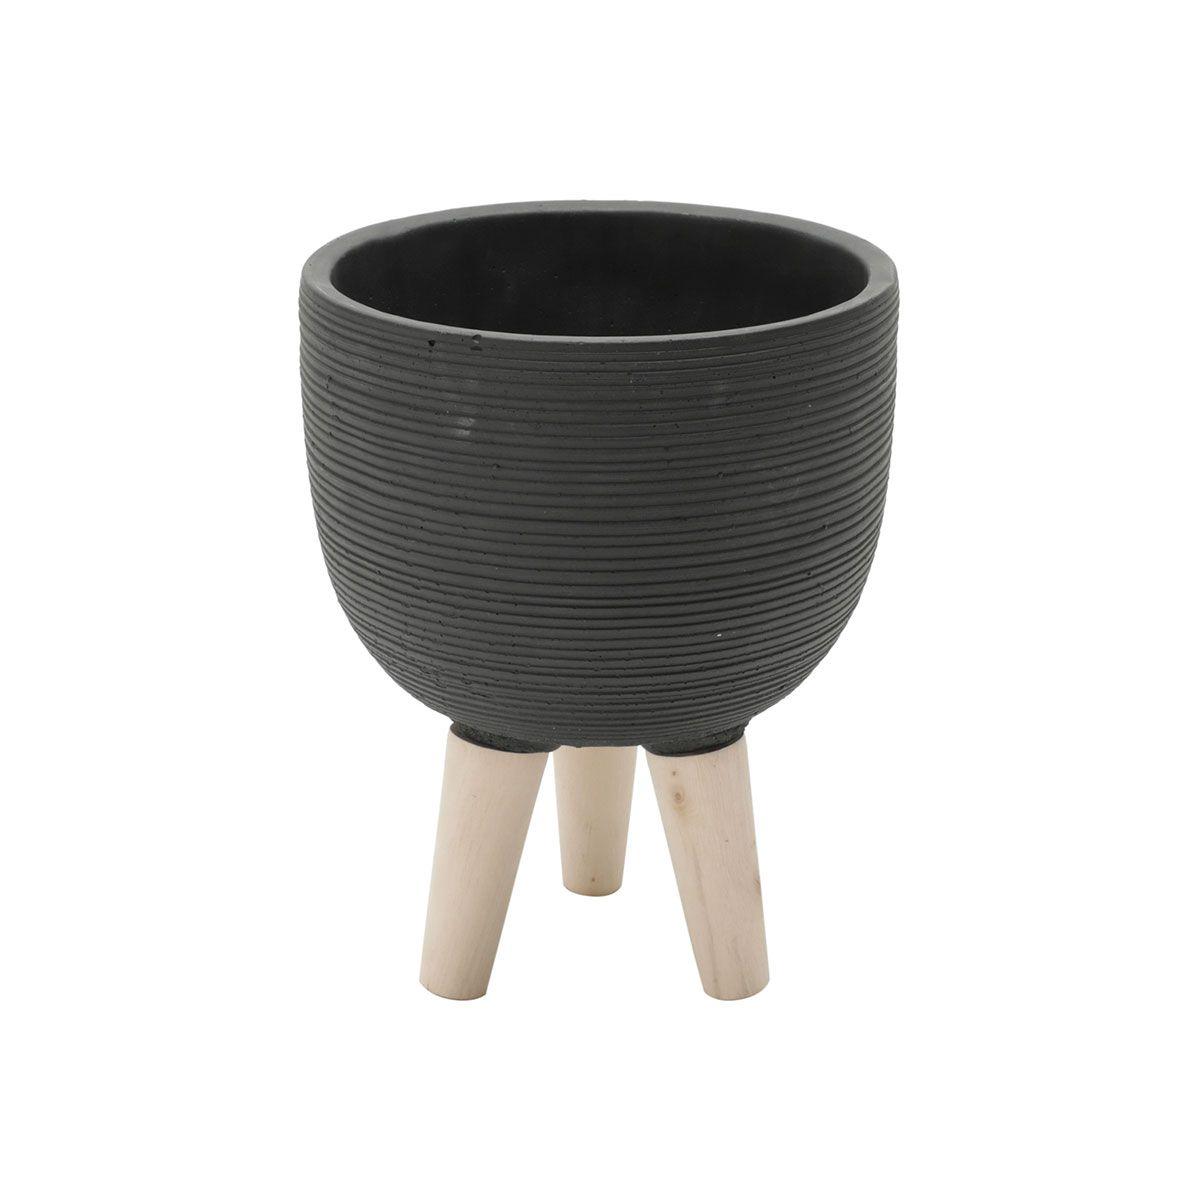 Vaso Concreto Decorativo Preto com Pé Madeira